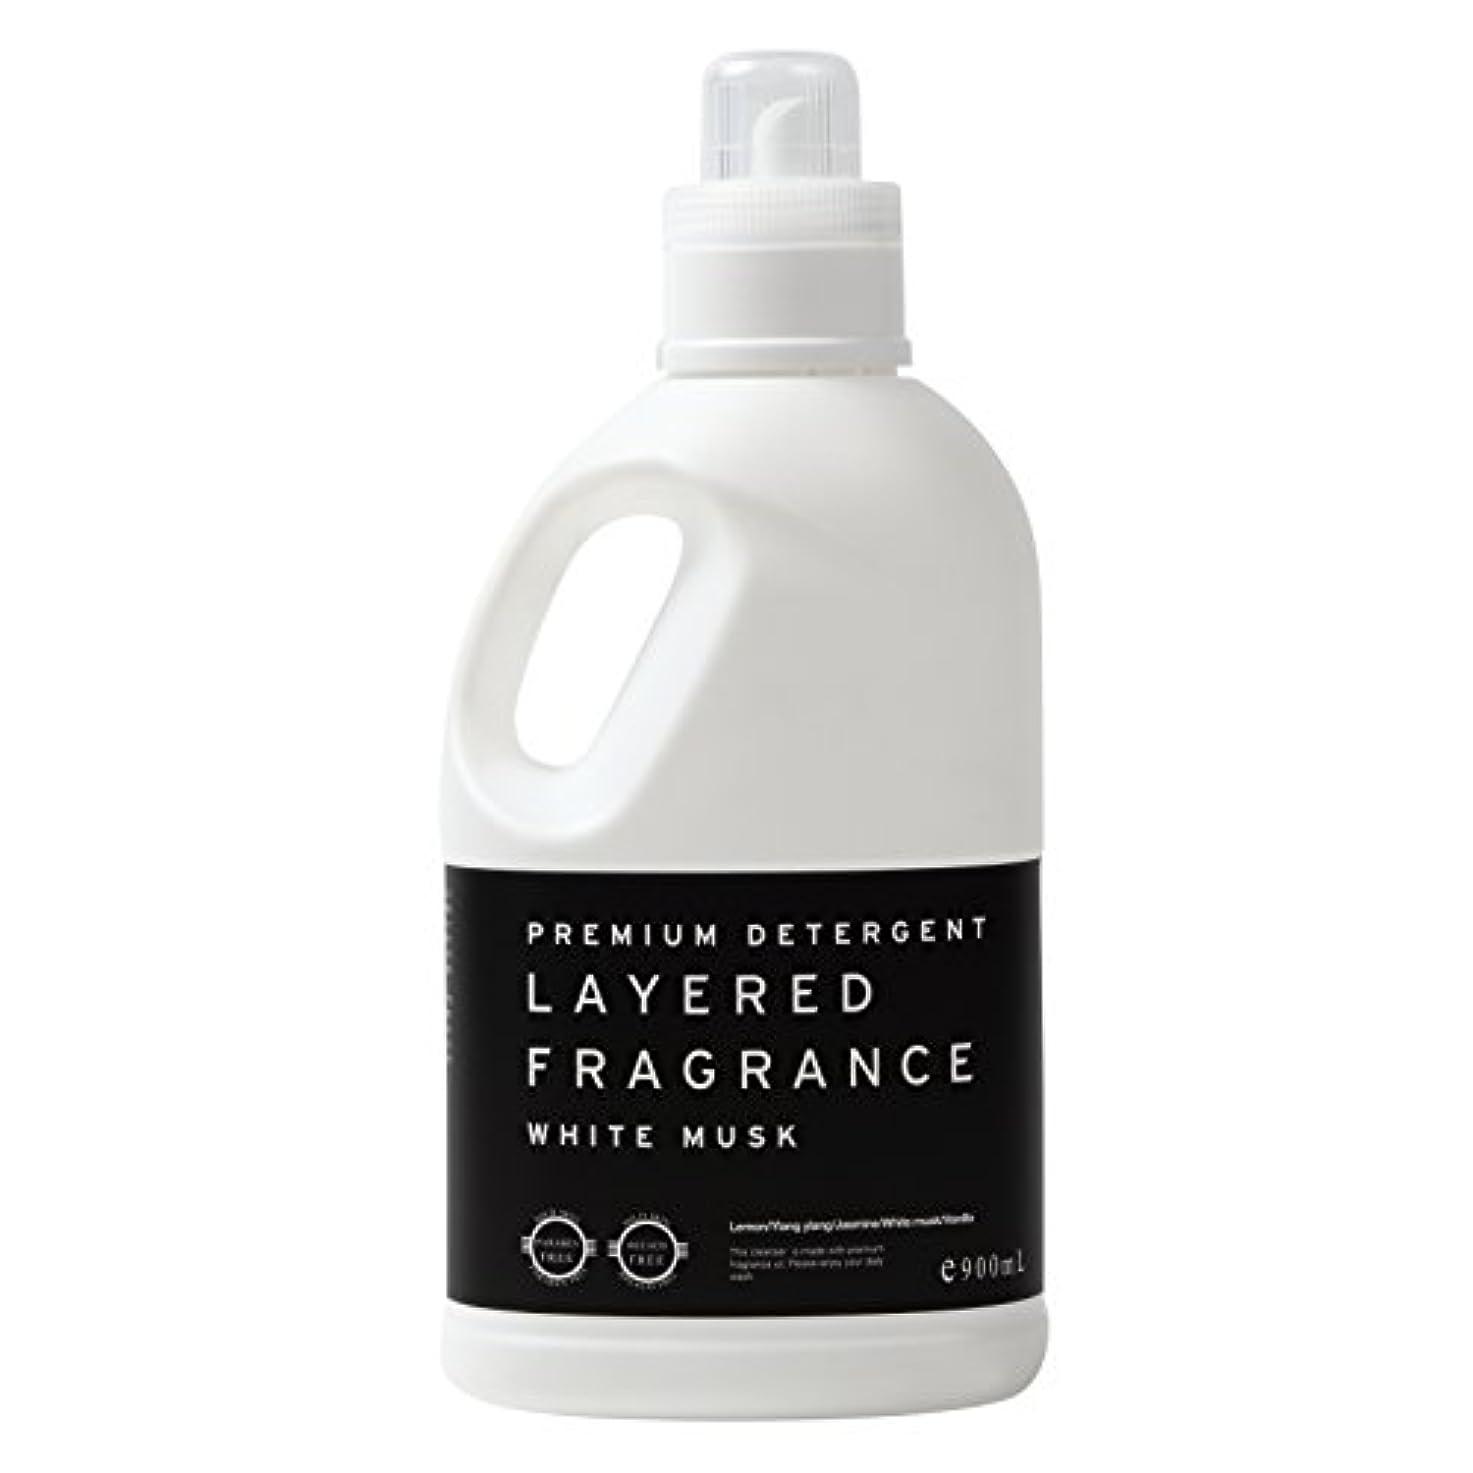 コンサルタントペインティング米国レイヤードフレグランス プレミアム デタージェント 洗濯用洗剤 ホワイトムスク